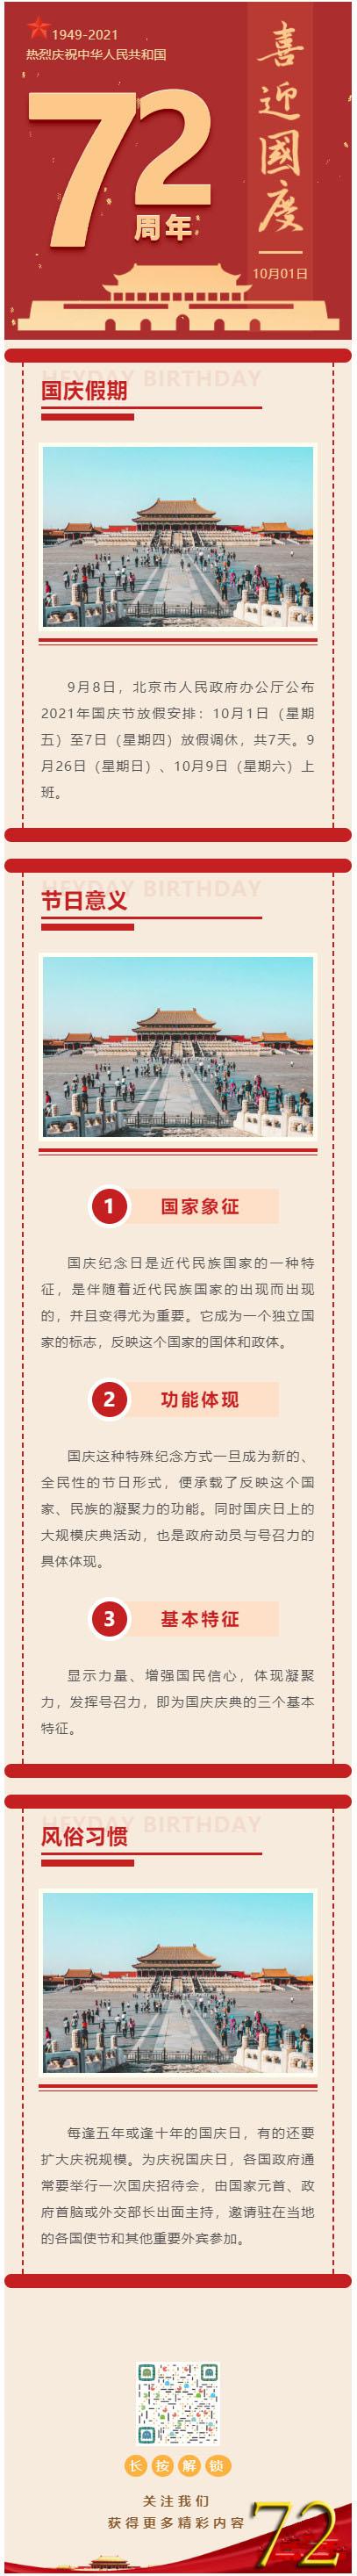 国庆节72周年微信模板国庆假期推送图文素材公众号推文资料